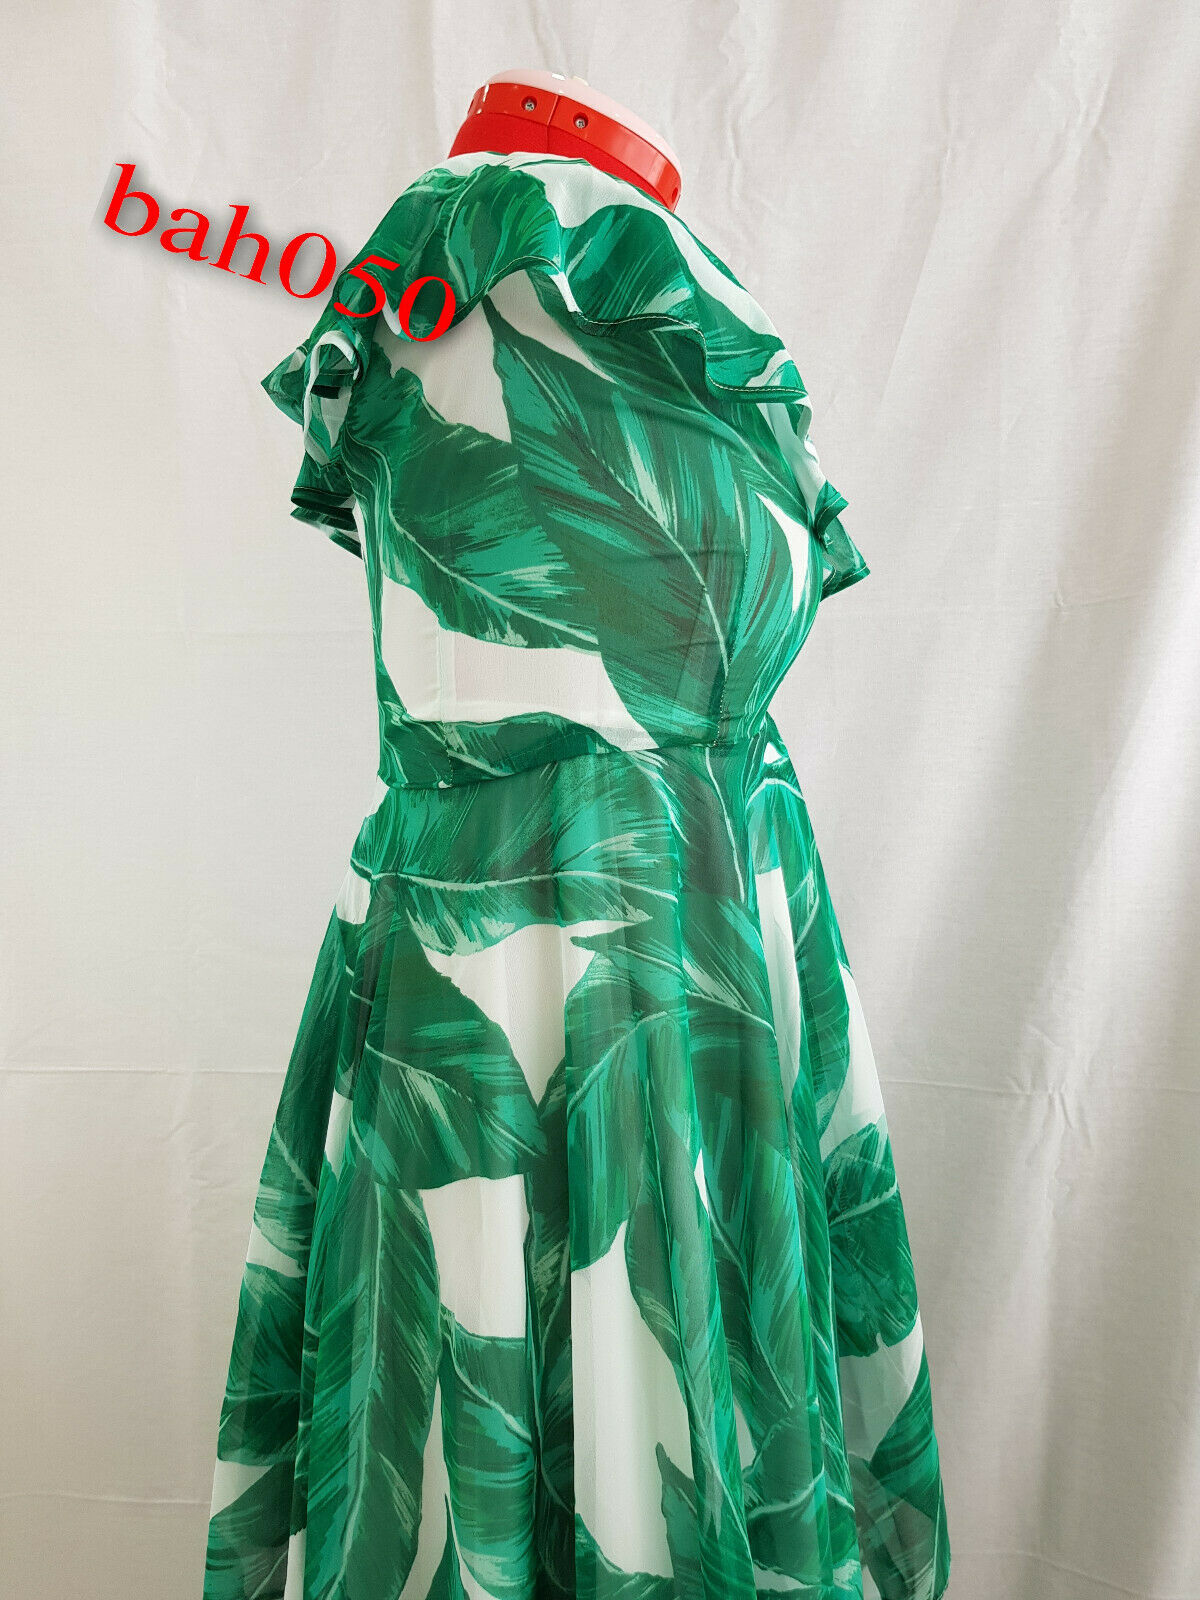 V V V by Petite Maxi Vestido Estampado Volante Very-verde blancoo, PVP  tamaño 8 907619